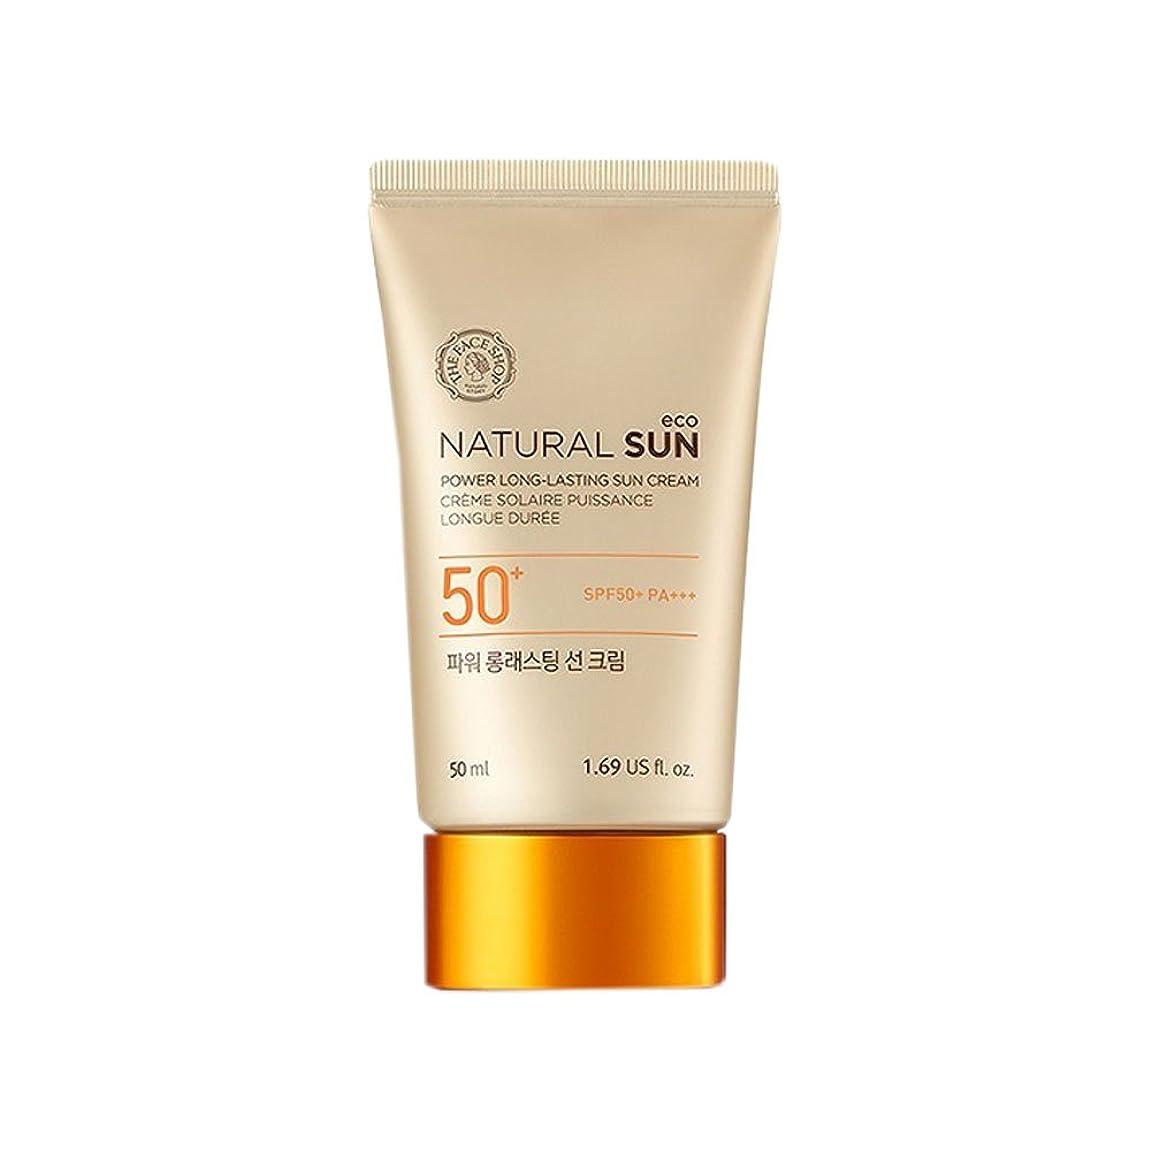 歯科医乱用土地[ザ?フェイスショップ] The Face Shop ナチュラルサン エコ パワー ロングラスティング サン クリーム SPF50+PA+++50ml The Face Shop Natural Sun Eco Power Long-Lasting Sun SPF50+PA+++50ml [海外直送品]